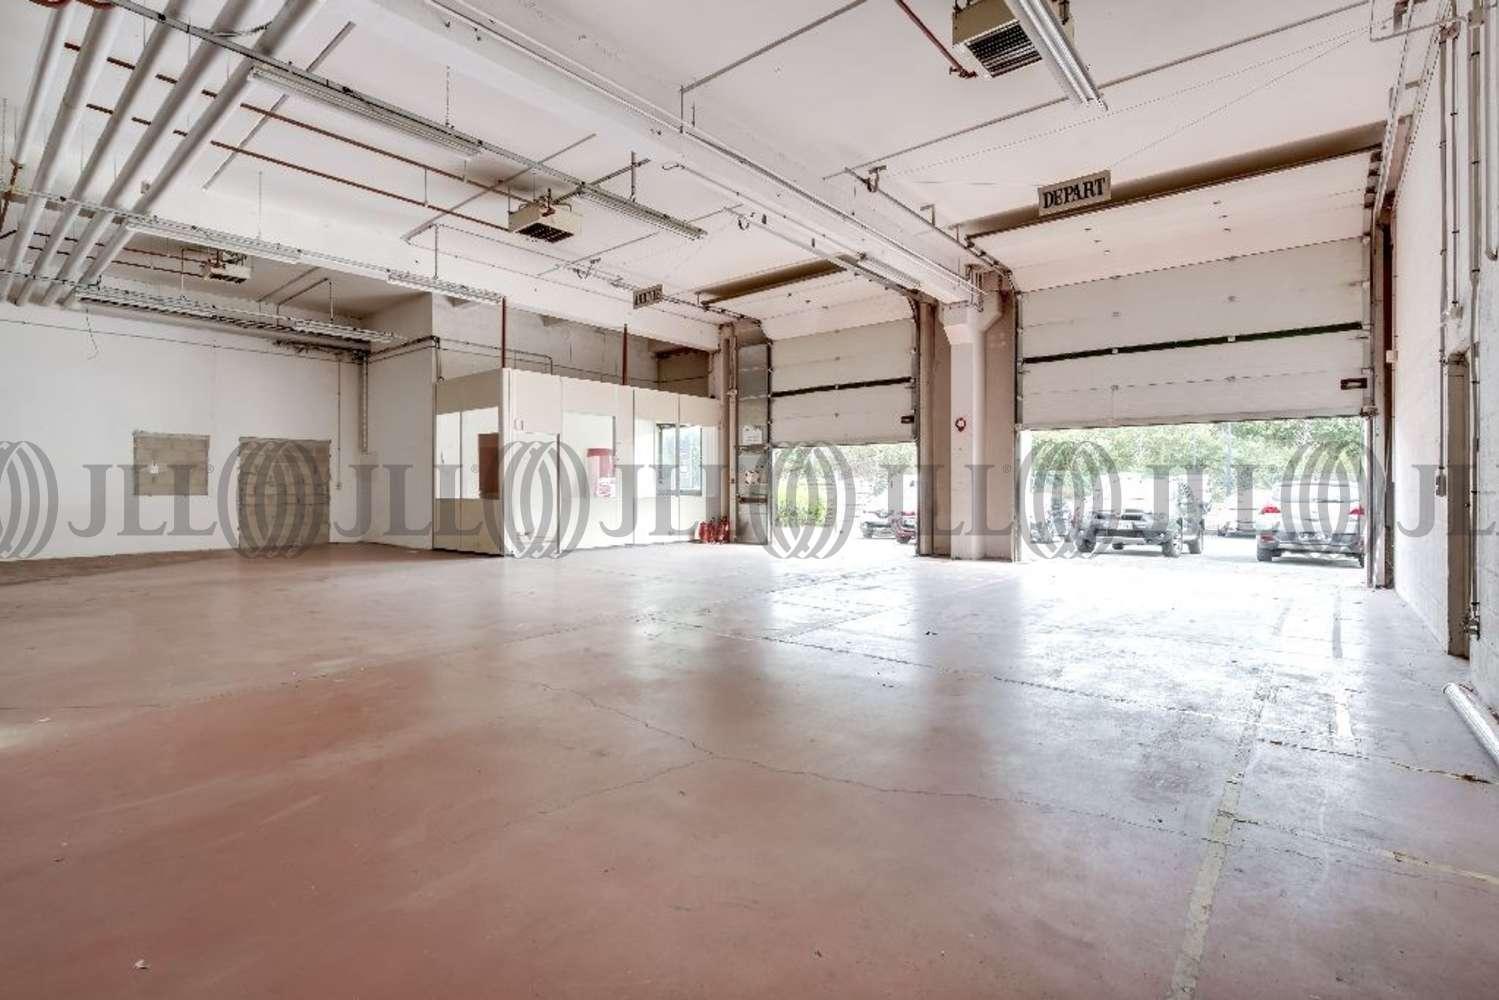 Activités/entrepôt Evry, 91000 - ETNA - 10583133